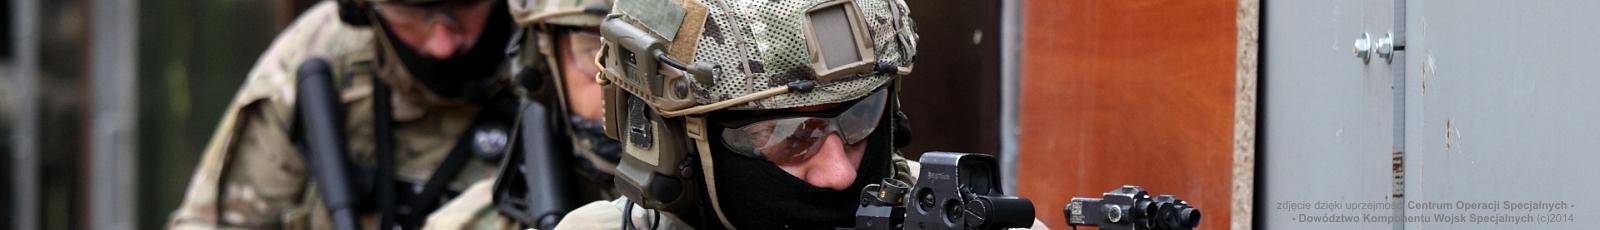 zdjęcie dzięki uprzejmości Centrum Operacji Specjalnych - Dowództwo Komponentu Wojsk Specjalnych (c)2014